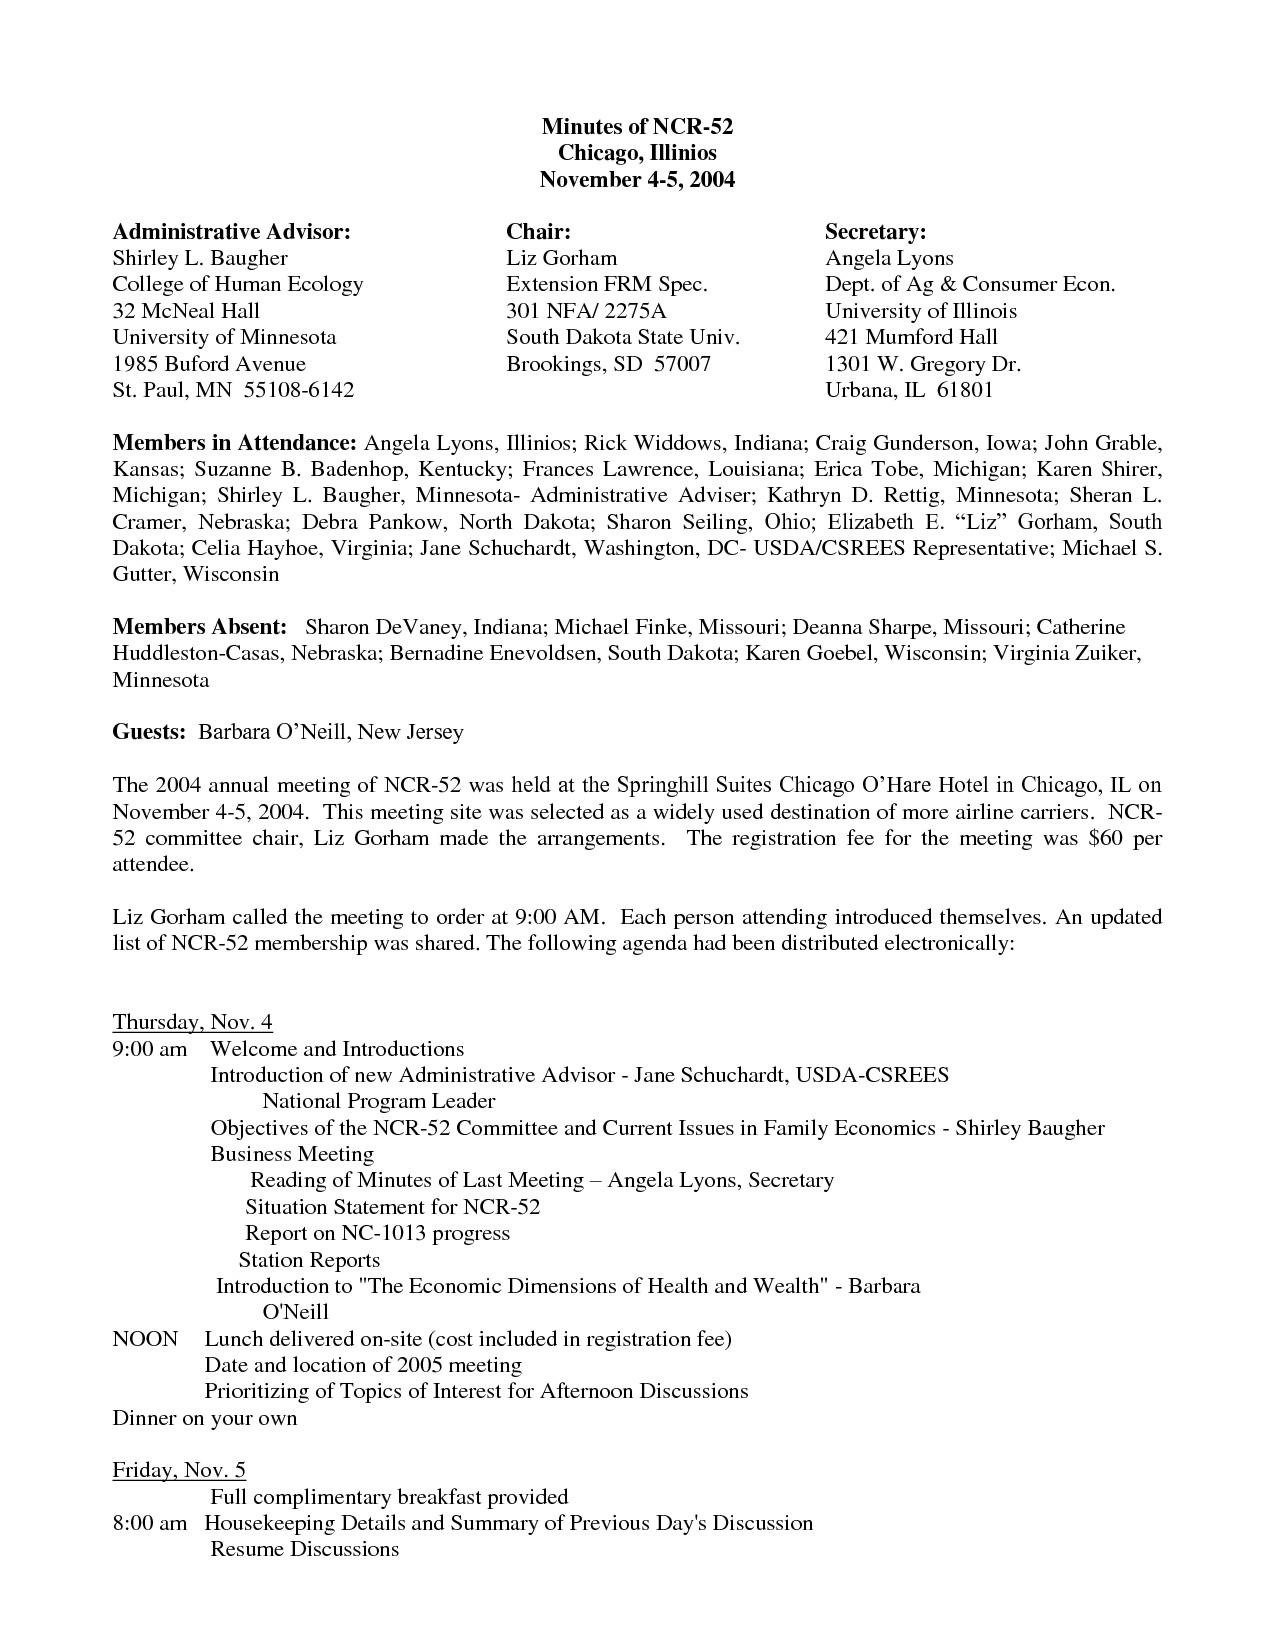 Sample Resume Of A Caregiver Resume for Caregiver for Elderly Resume Ideas